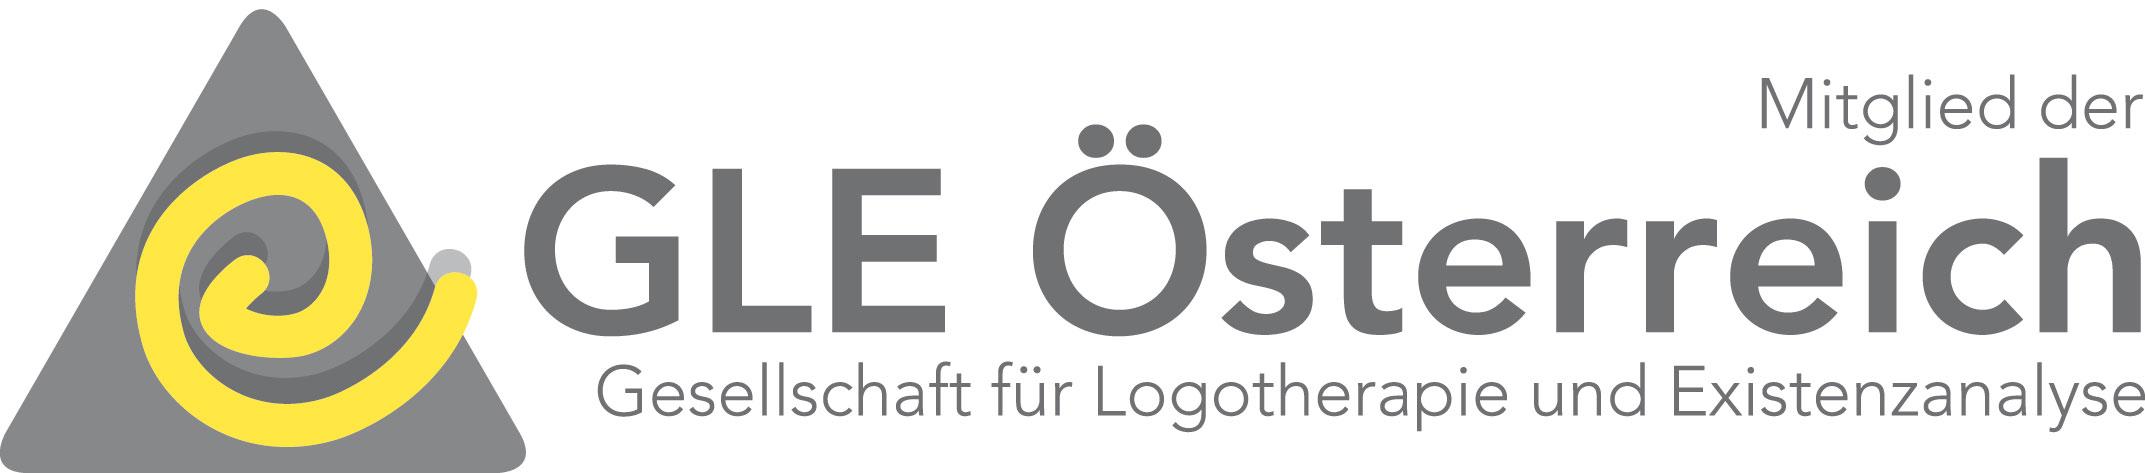 Logo der Gesellschaft für Logotherapie und Existenzanalyse Österreich